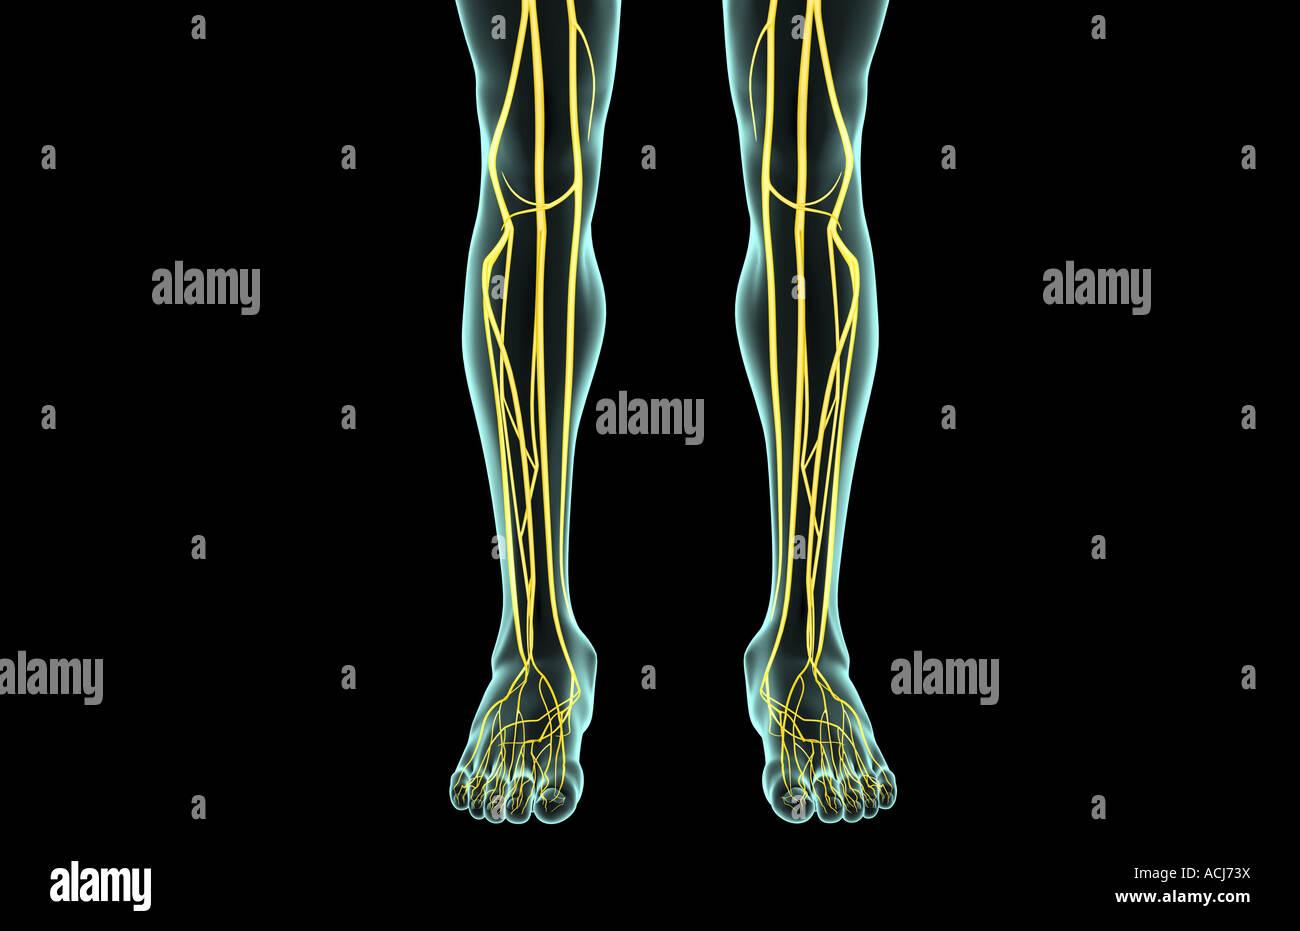 Fein Nerven Anatomie Des Beines Fotos - Menschliche Anatomie Bilder ...